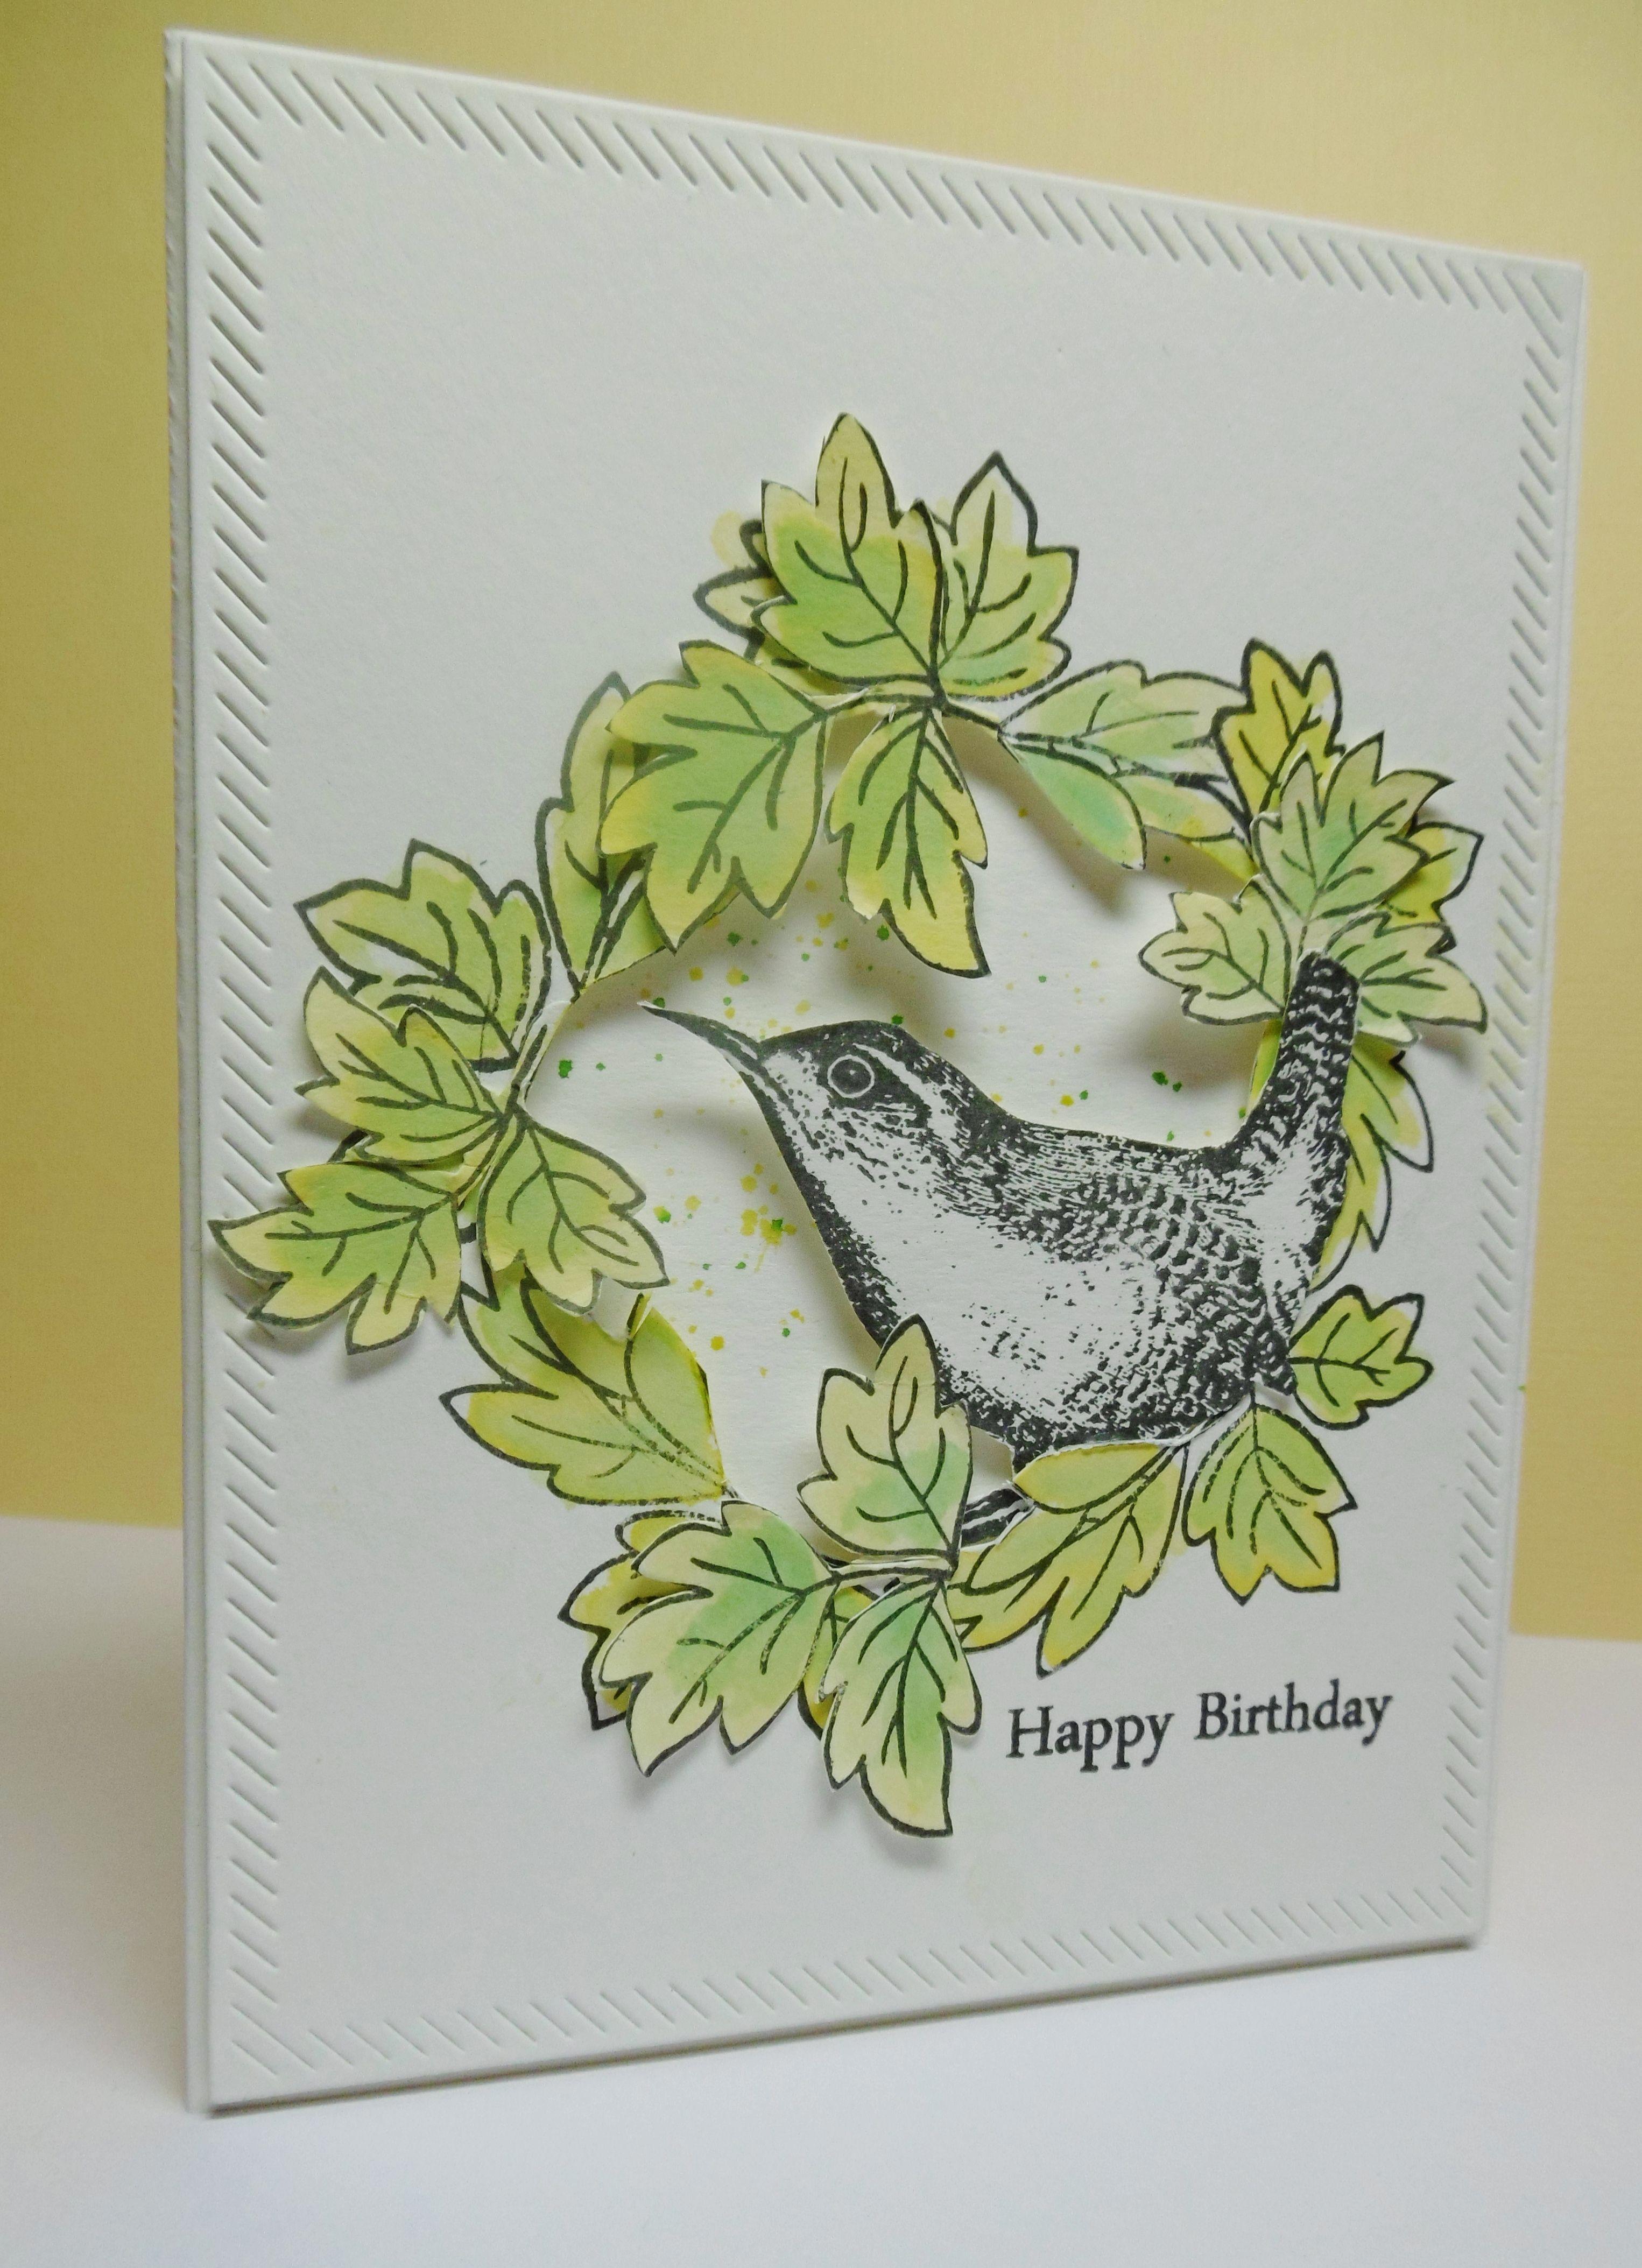 Altenew Peony scrolls, bird stamp from Inkylicious, MFT diagonal stitch die